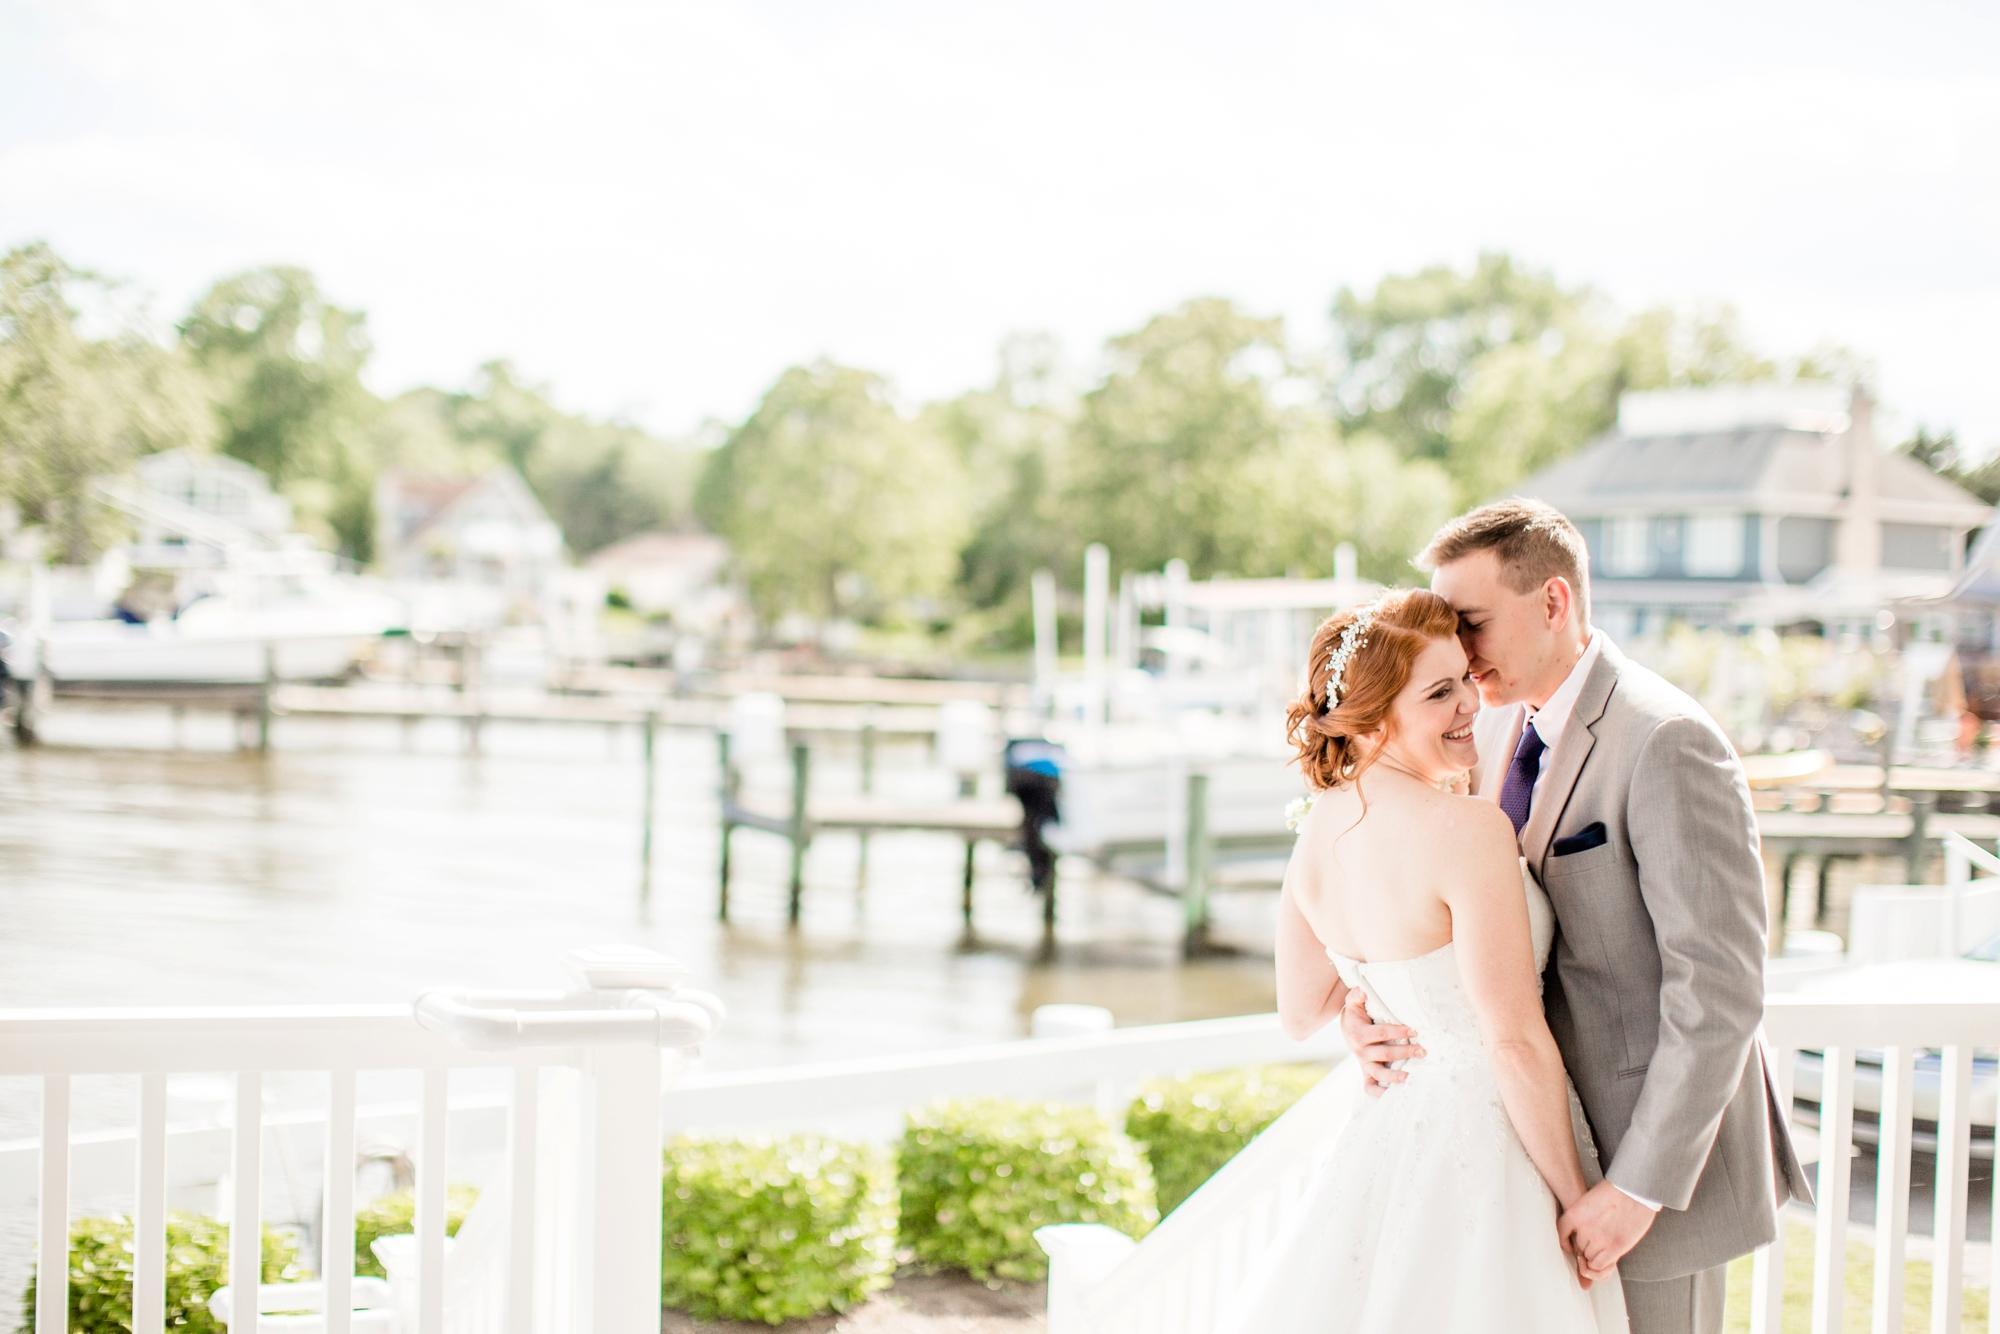 pittsburgh wedding photographer, maryland wedding photographer, anchor inn maryland wedding photographer, anchor inn maryland wedding photos, pasadena wedding photographer